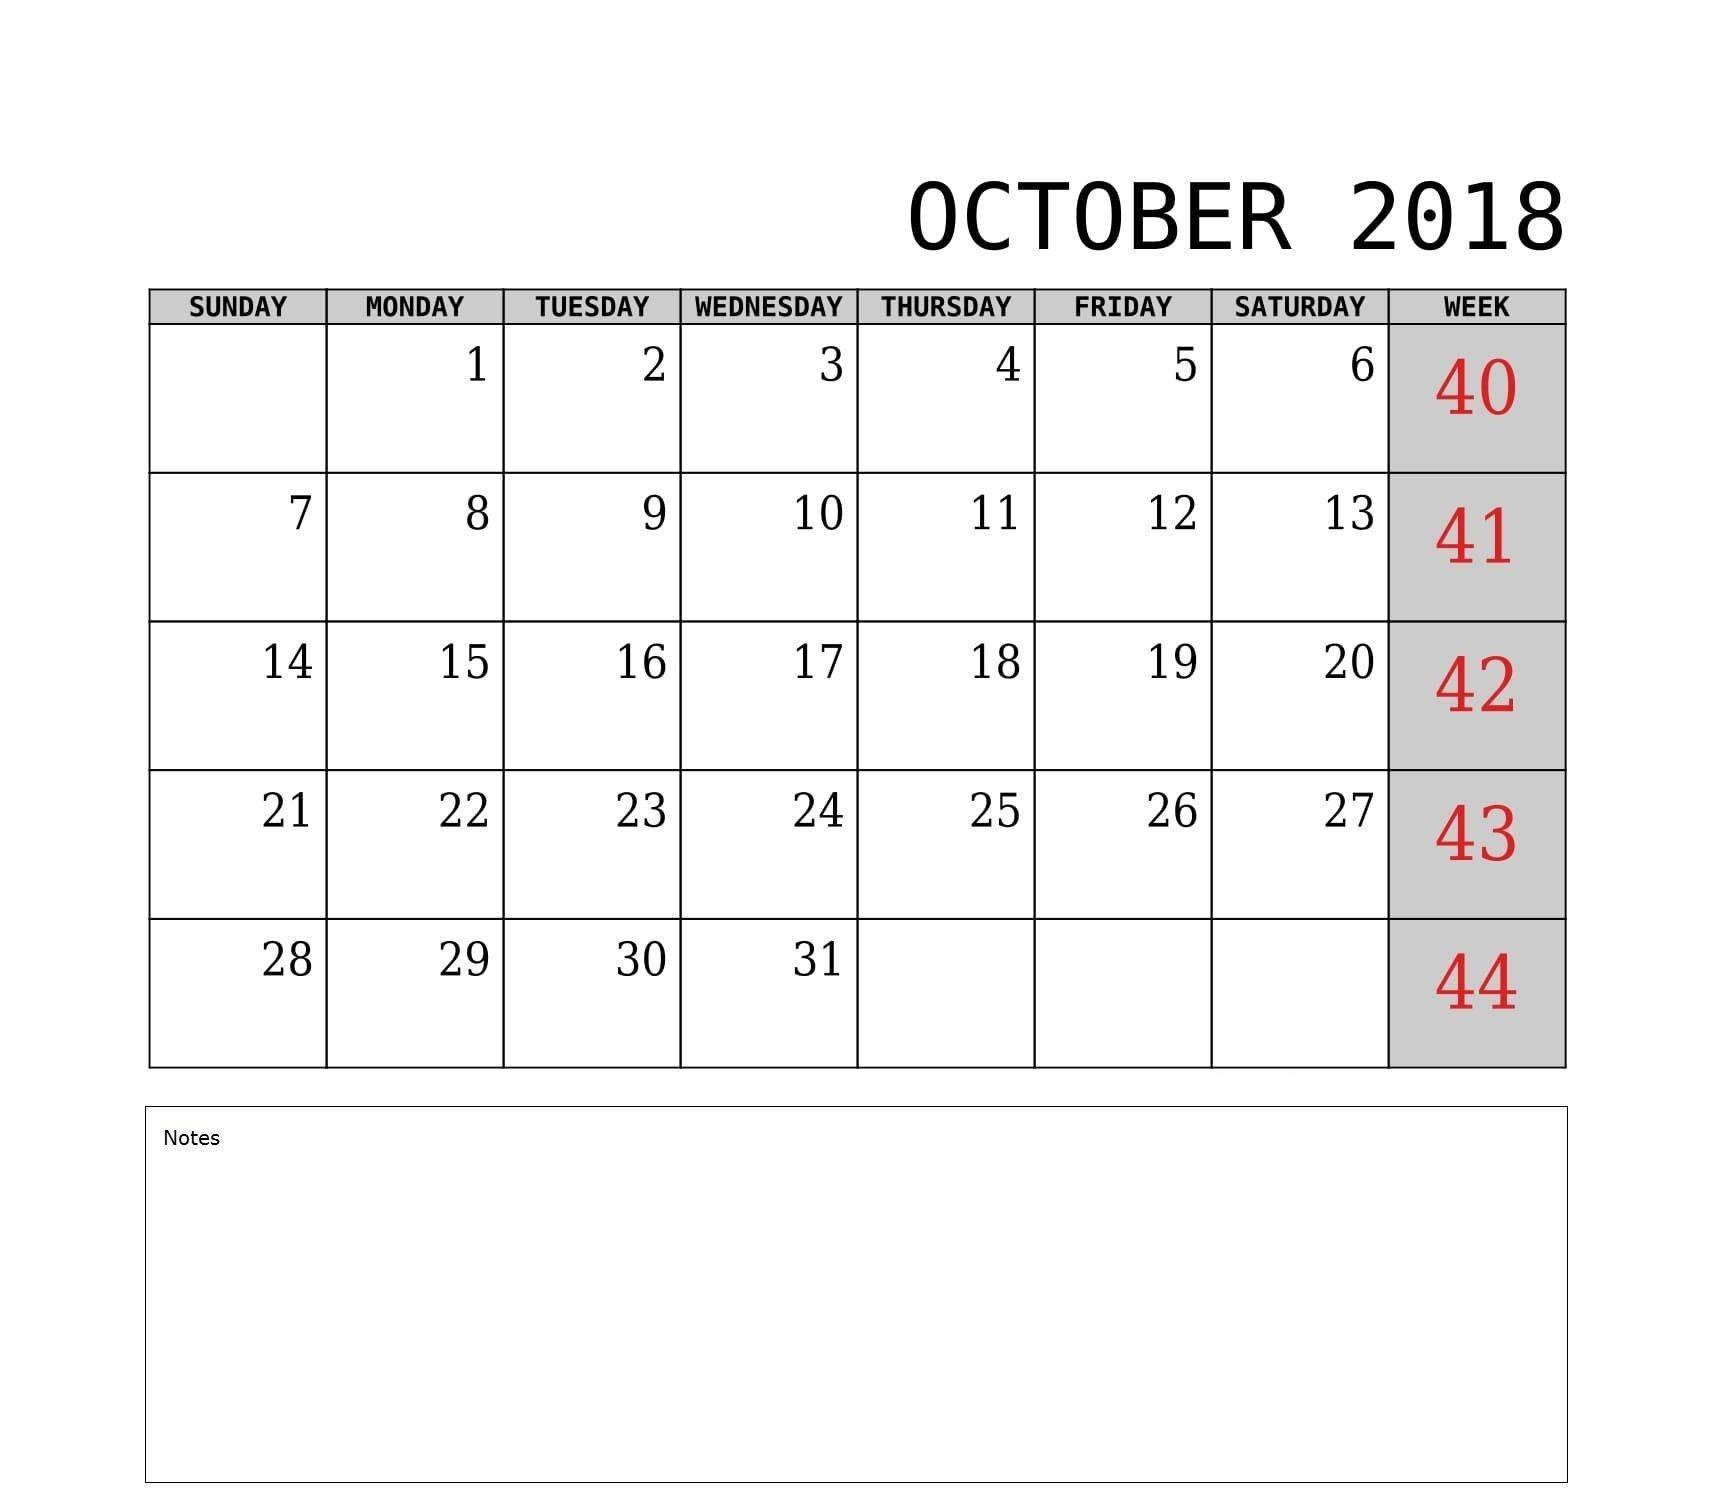 Mahalaxmi Calendar 2019 Marathi Download Más Recientes Tv News for the Purpose Kalnirnay Calendar 2019 Marathi Pdf Of Mahalaxmi Calendar 2019 Marathi Download Más Recientes Calendar September Hindi 2018